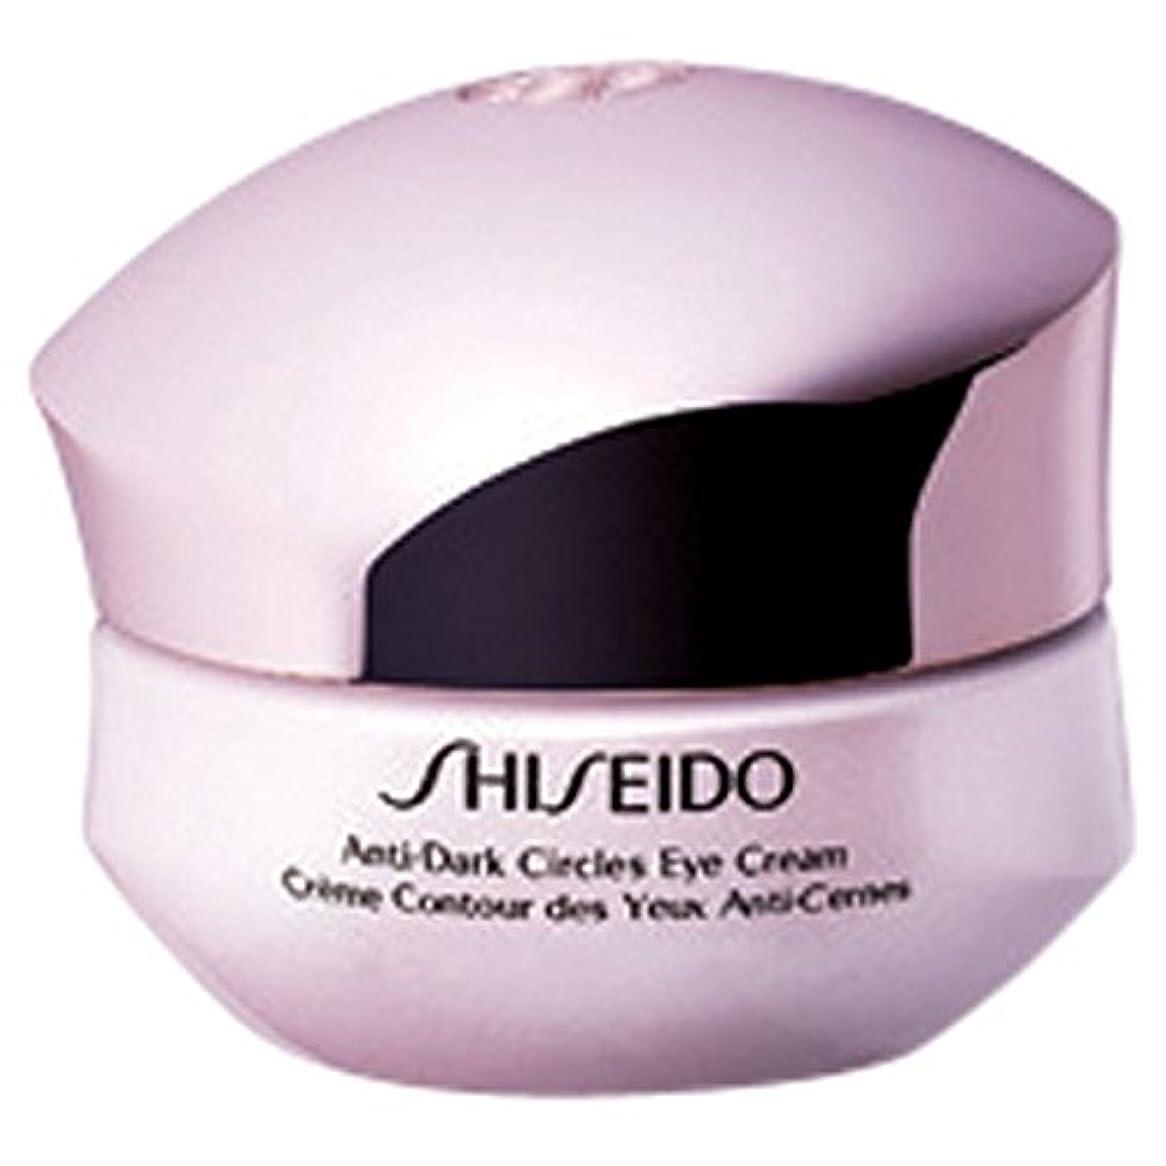 自殺貫入実質的[Shiseido] 資生堂アンチダークサークルアイクリーム15Ml - Shiseido Anti-Dark Circle Eye Cream 15ml [並行輸入品]